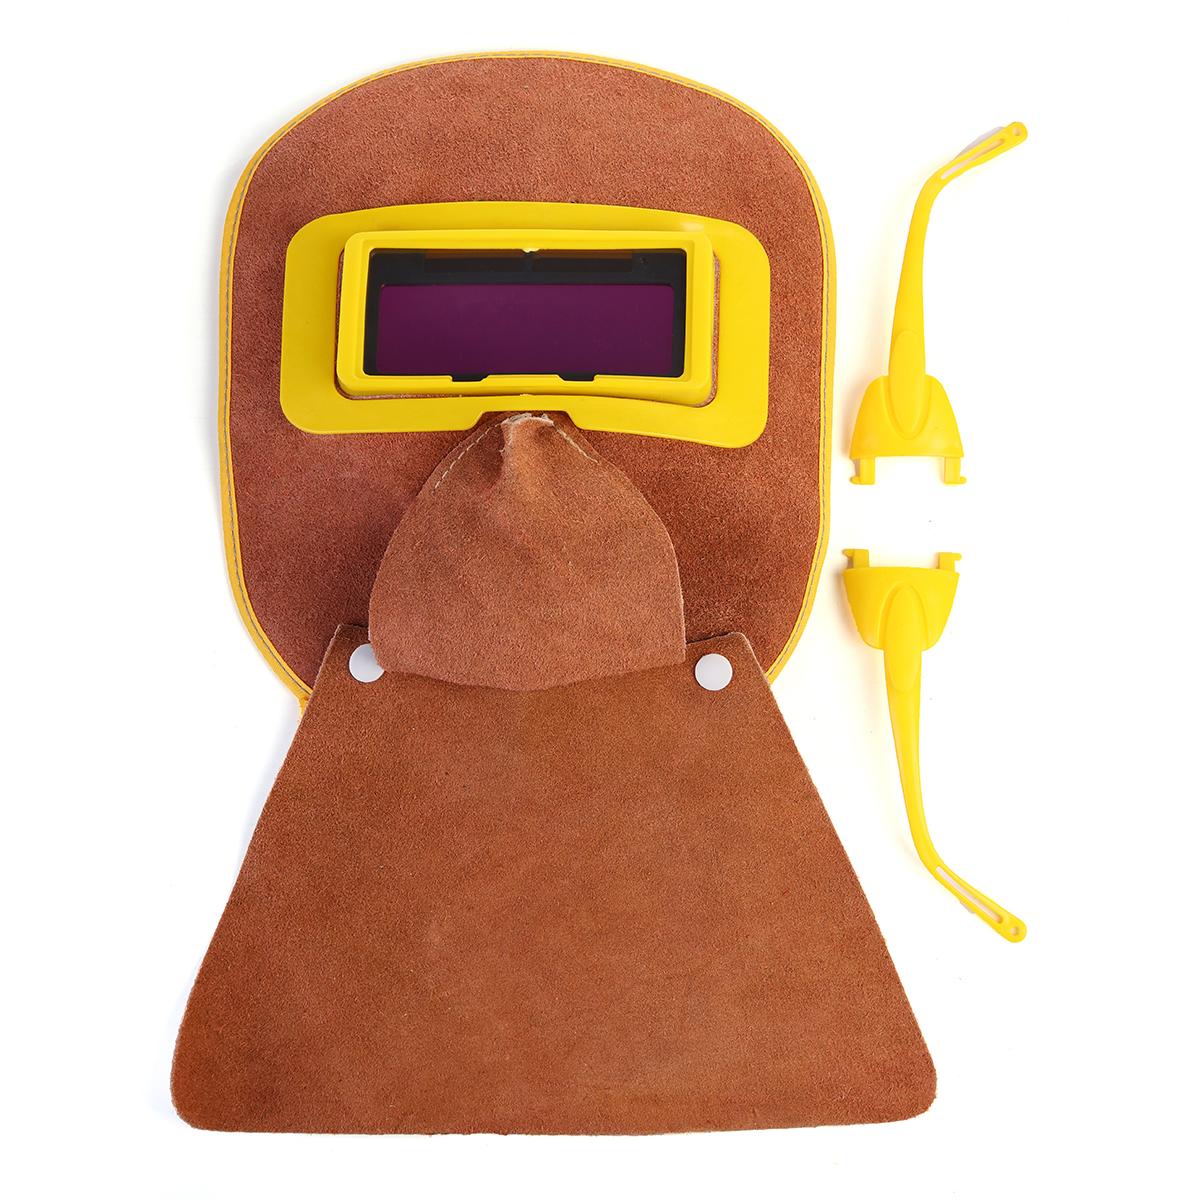 capot en cuir casque masque solaire Automatique filtre lentille soudage soudeur